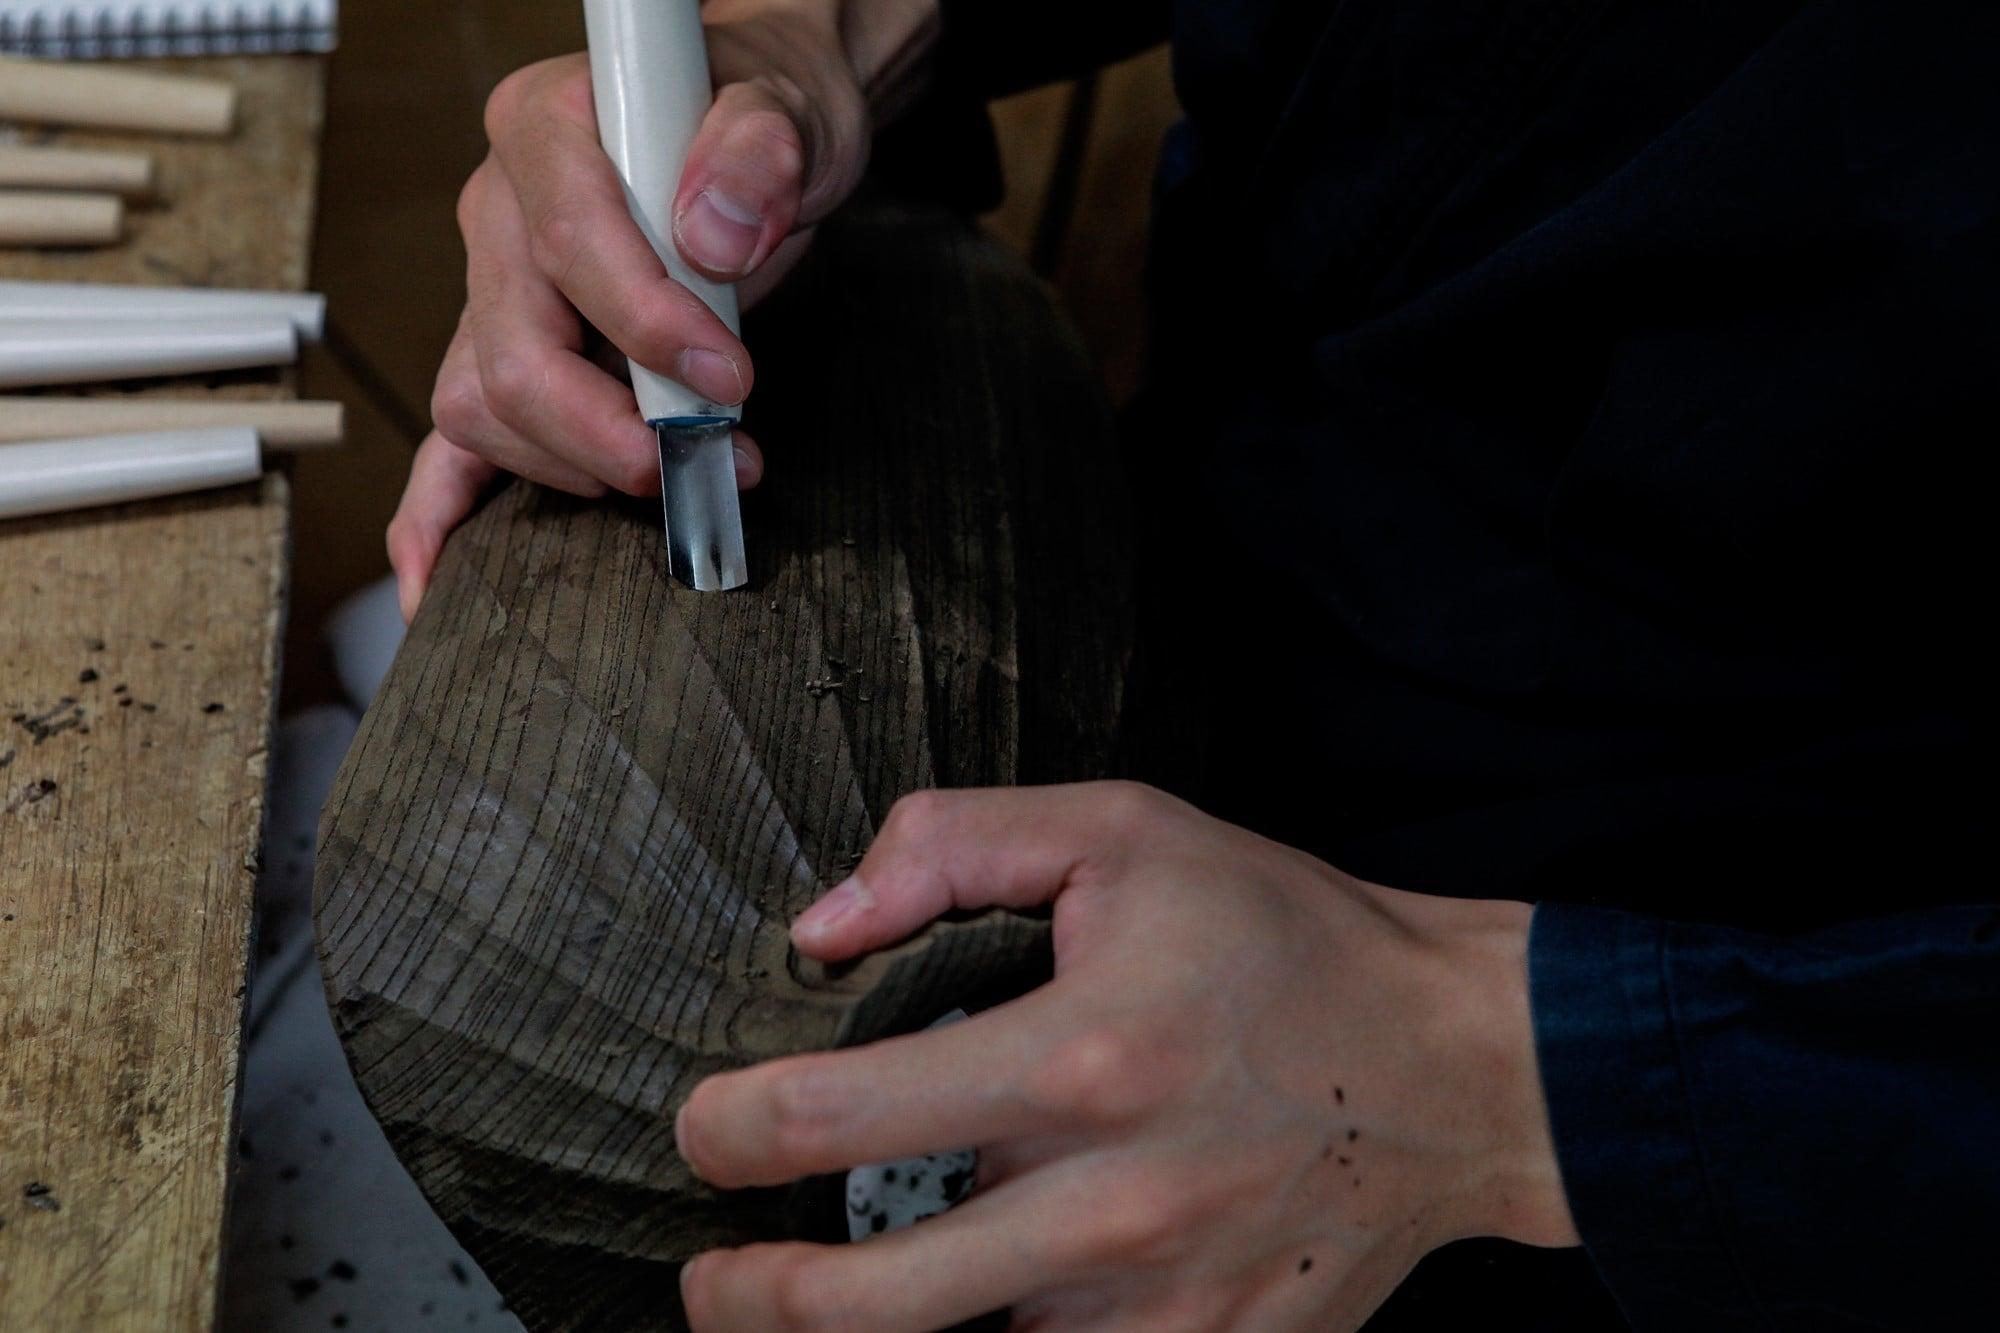 仏師に依頼し、神代杉などの銘木でジュエリーを飾るデコルテ部のトルソーを製作。 Photography by Ruriko Kusanagi